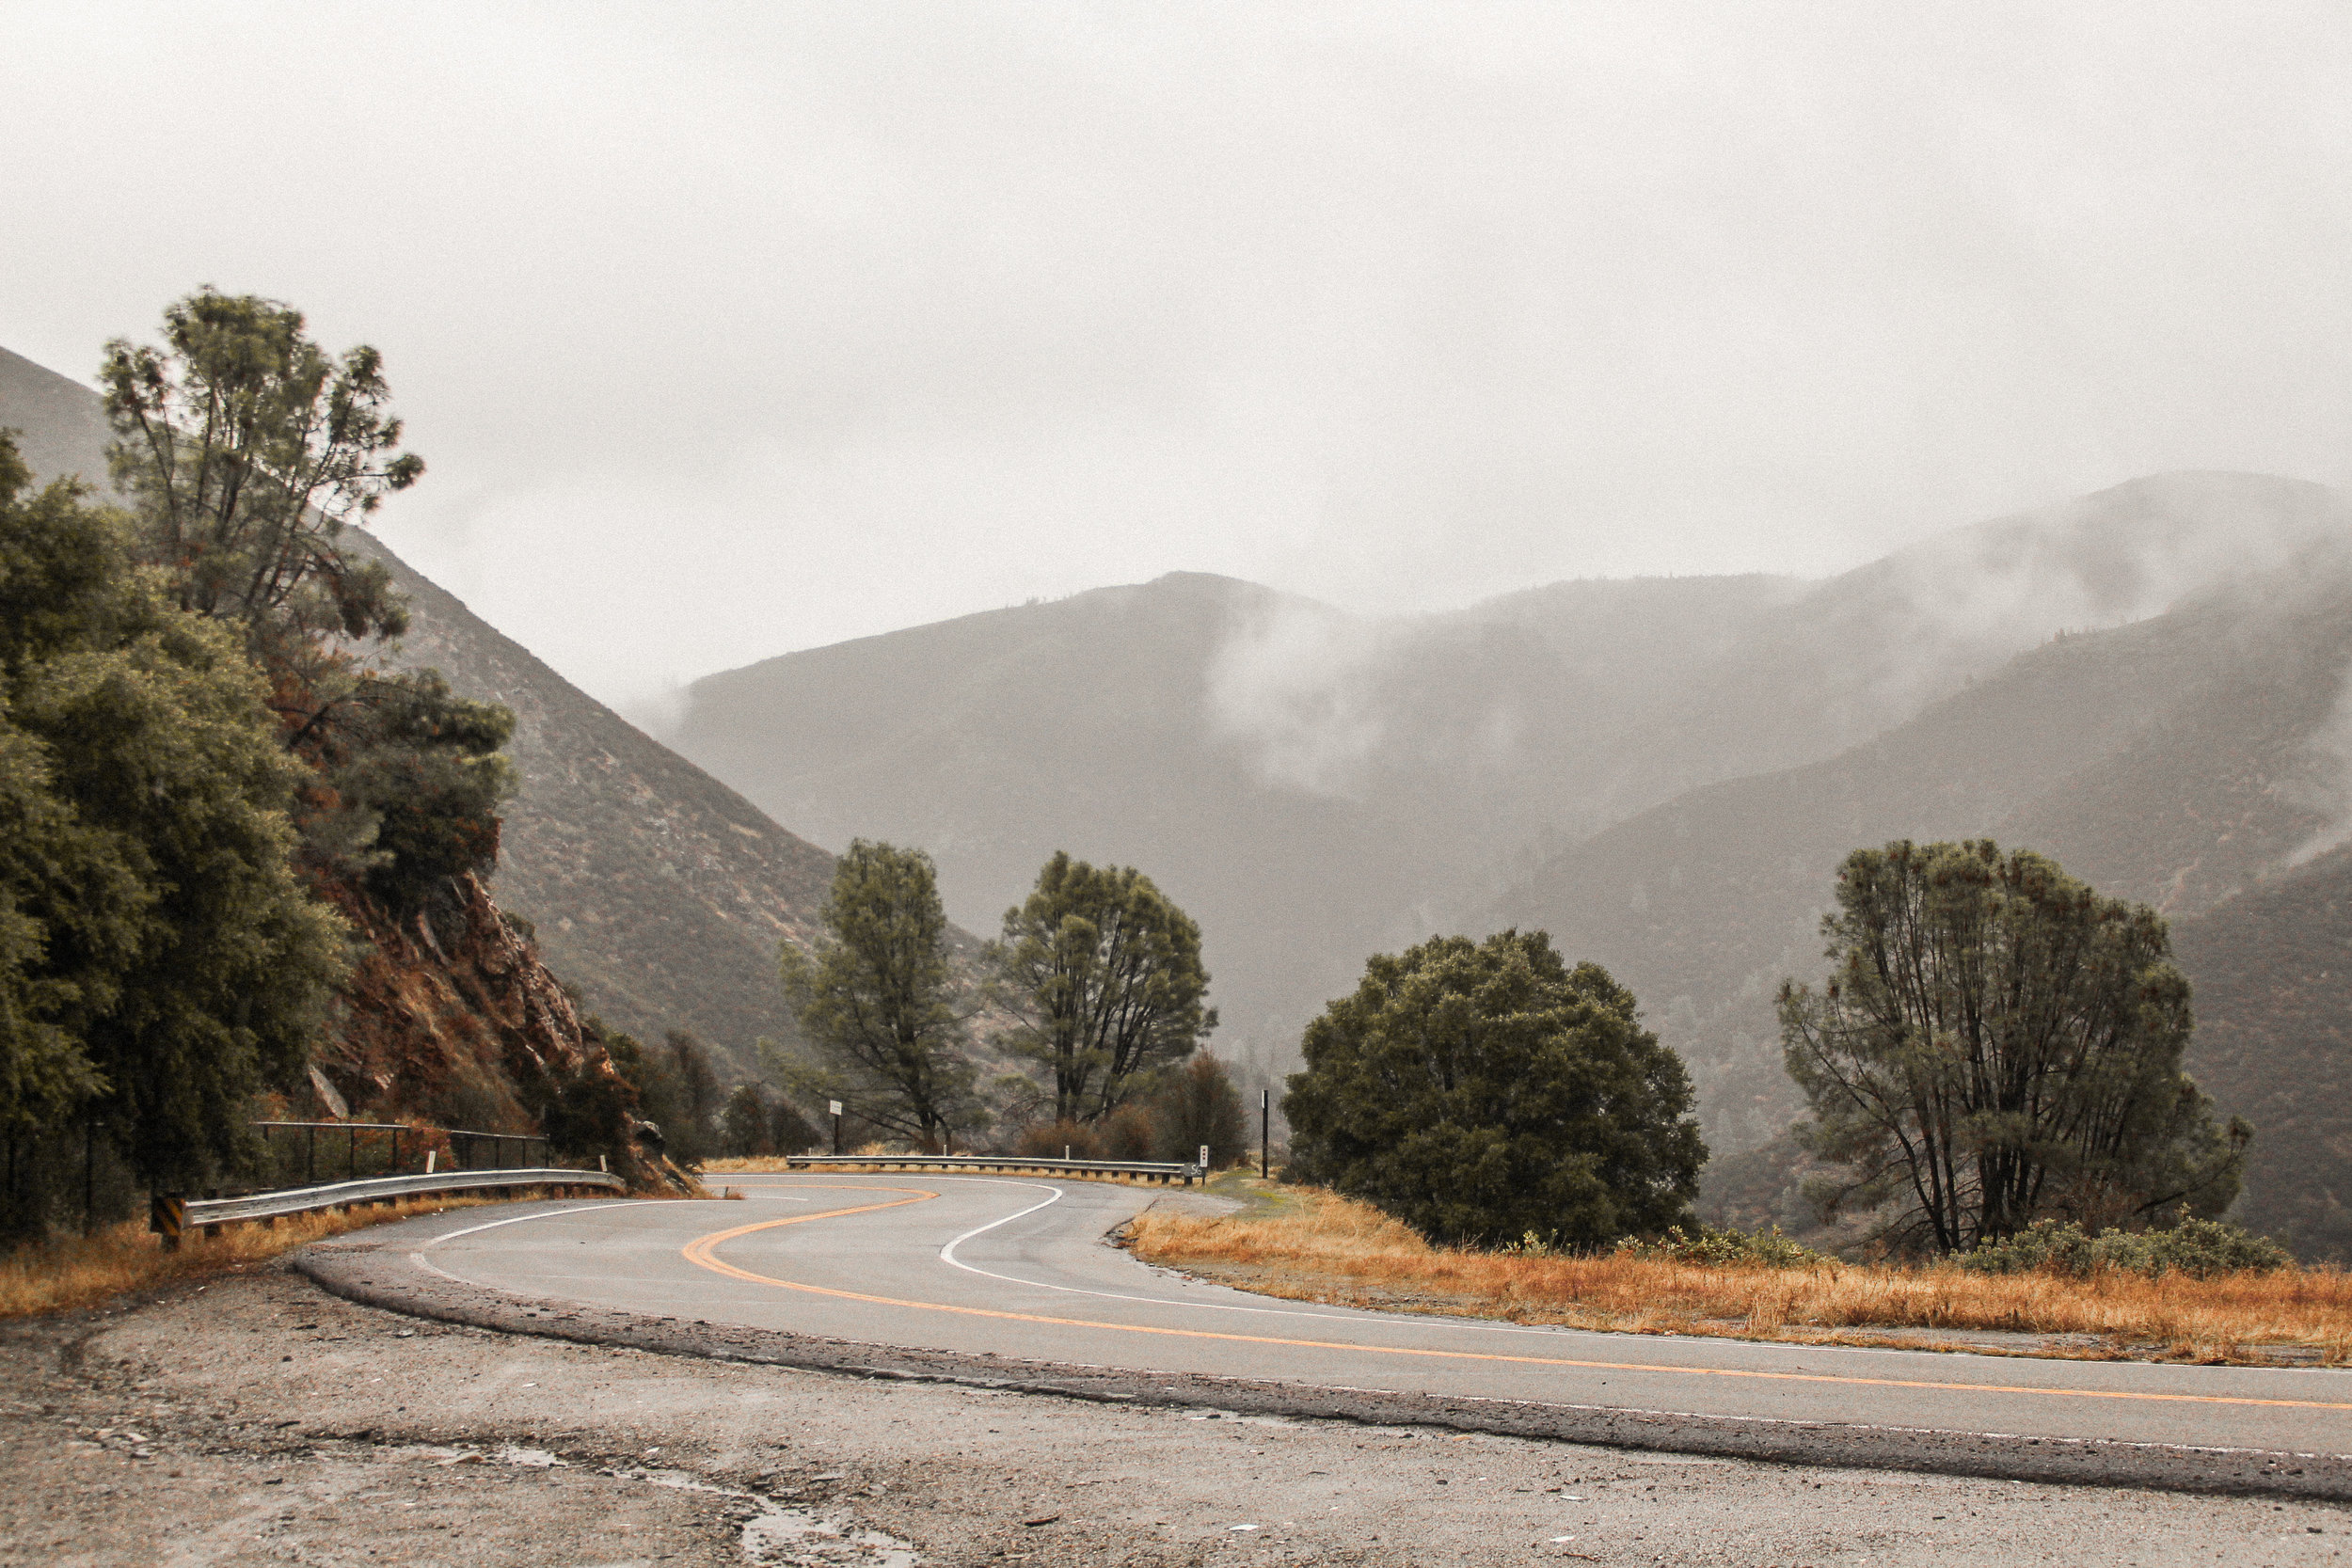 Winter in Yosemite, Highway 140, El Portal, California